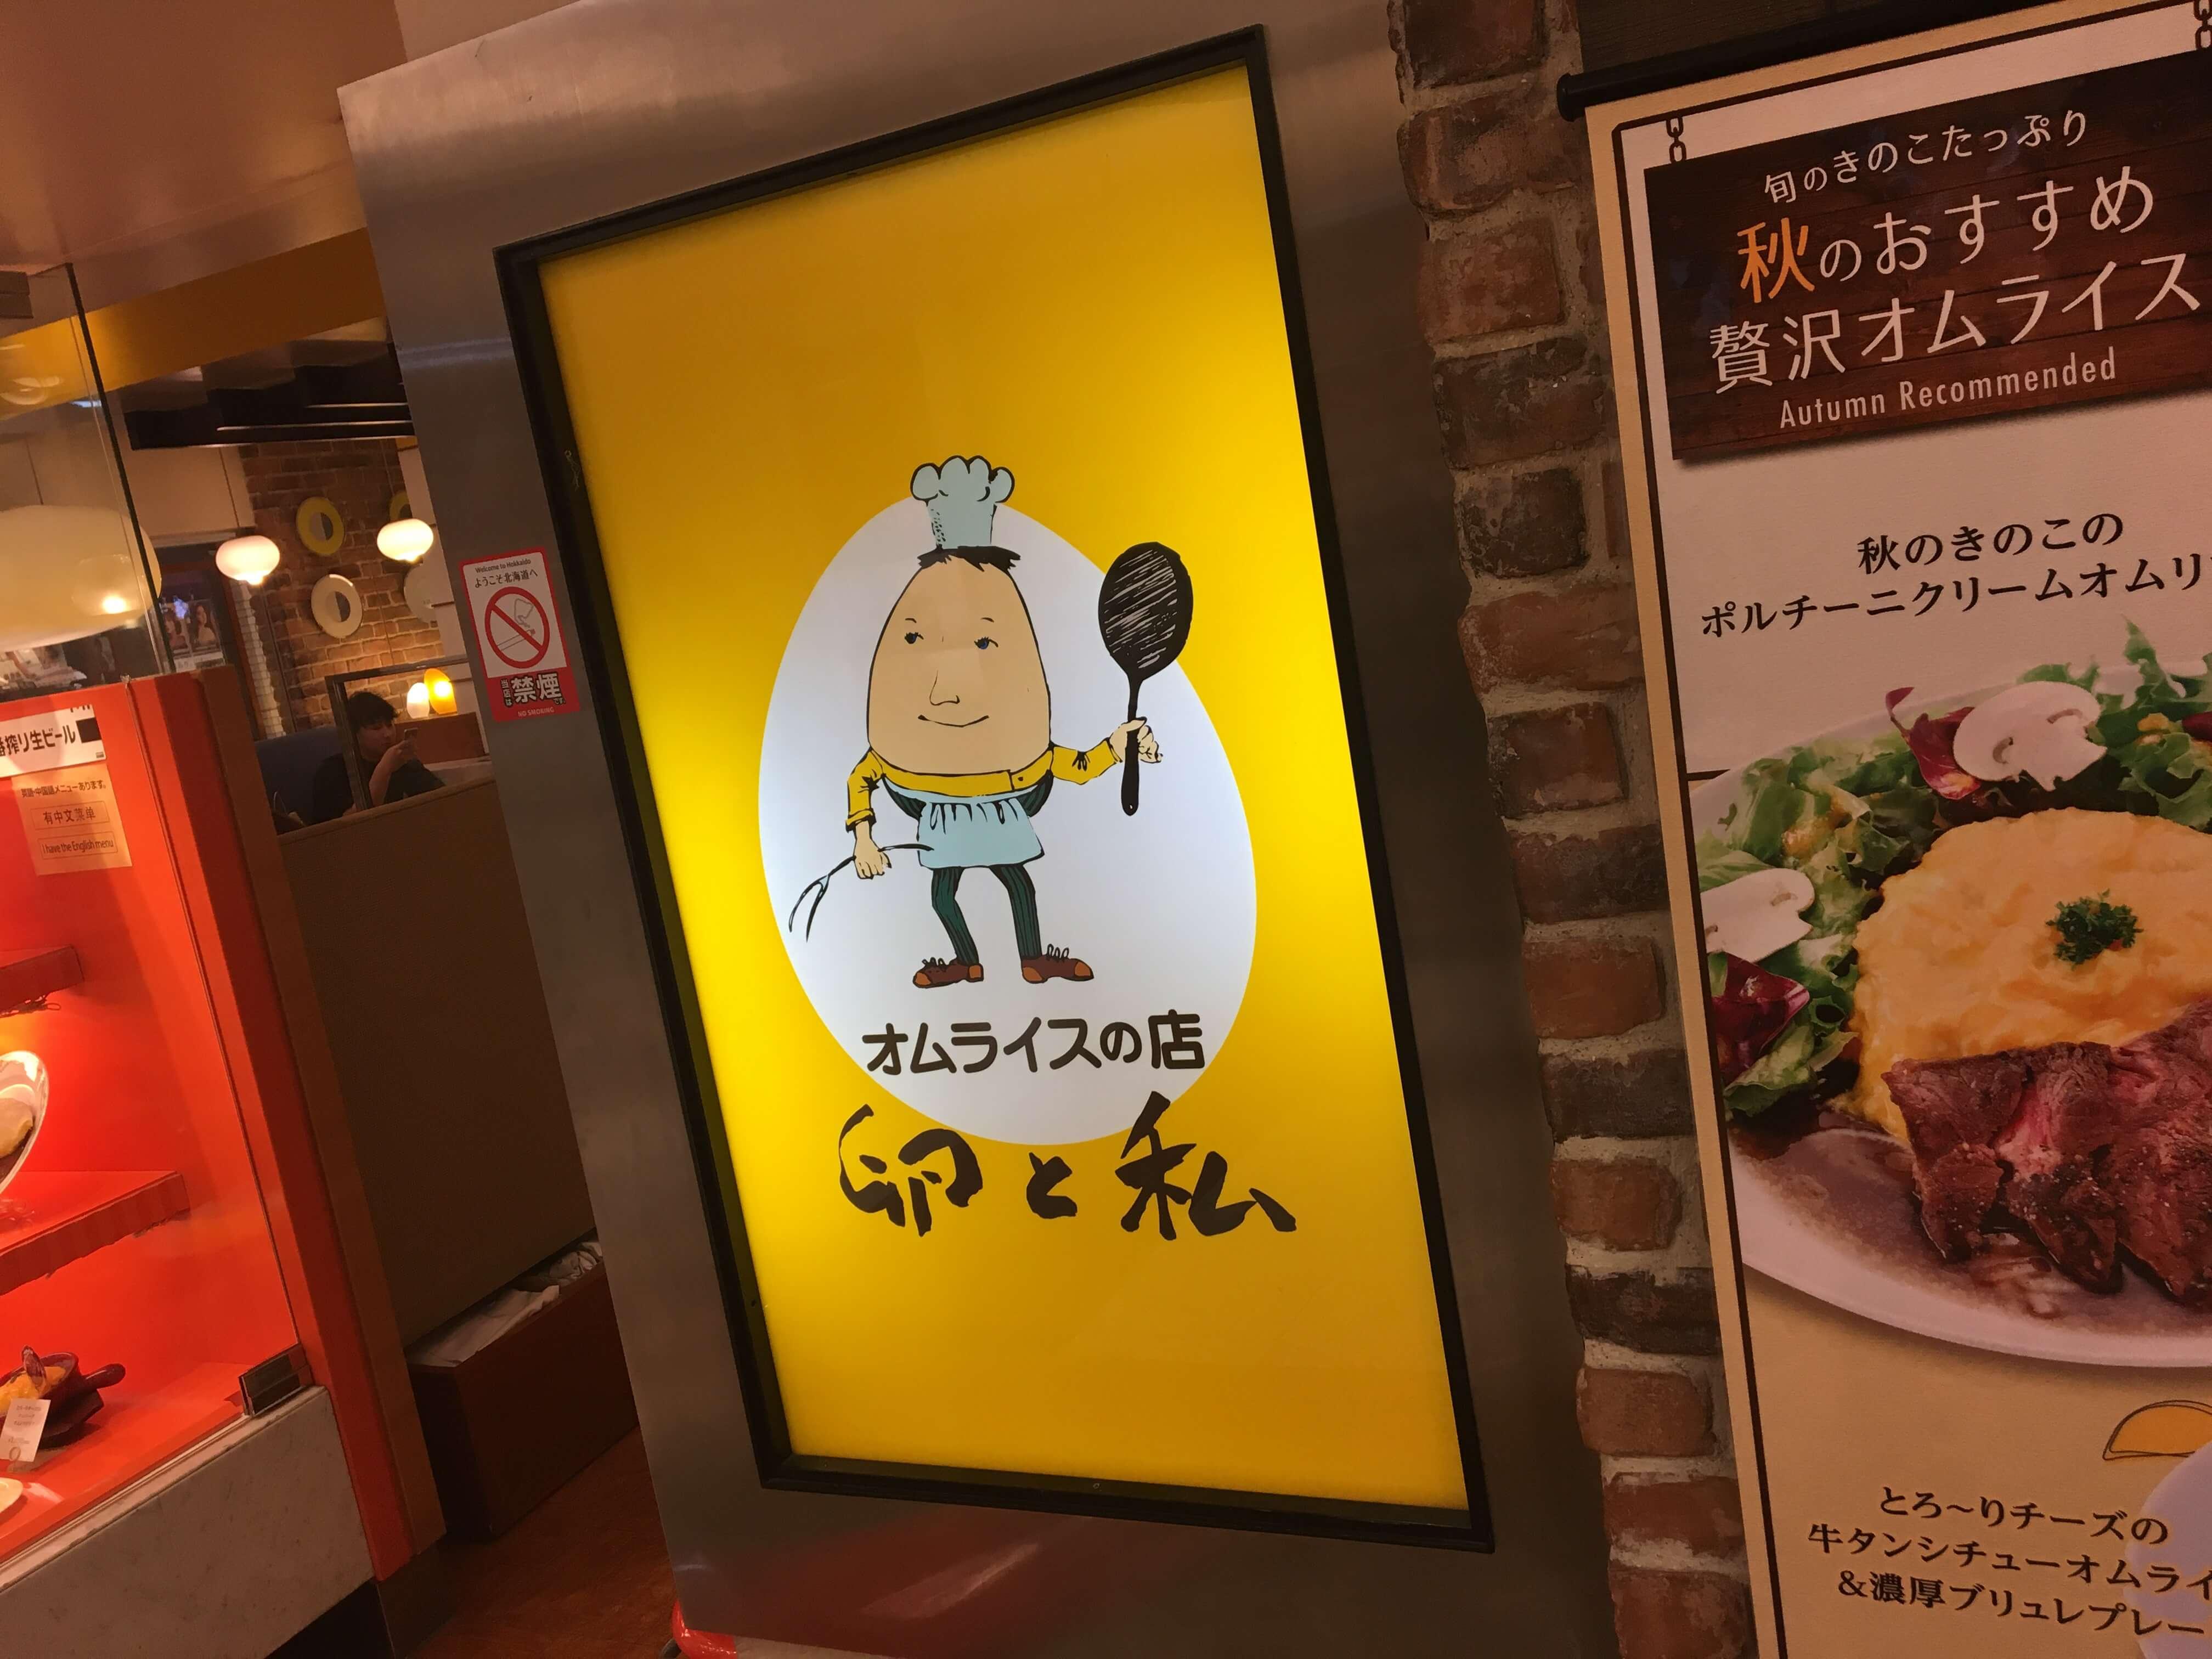 卵と私 札幌アピア店のかわいいキャラクター